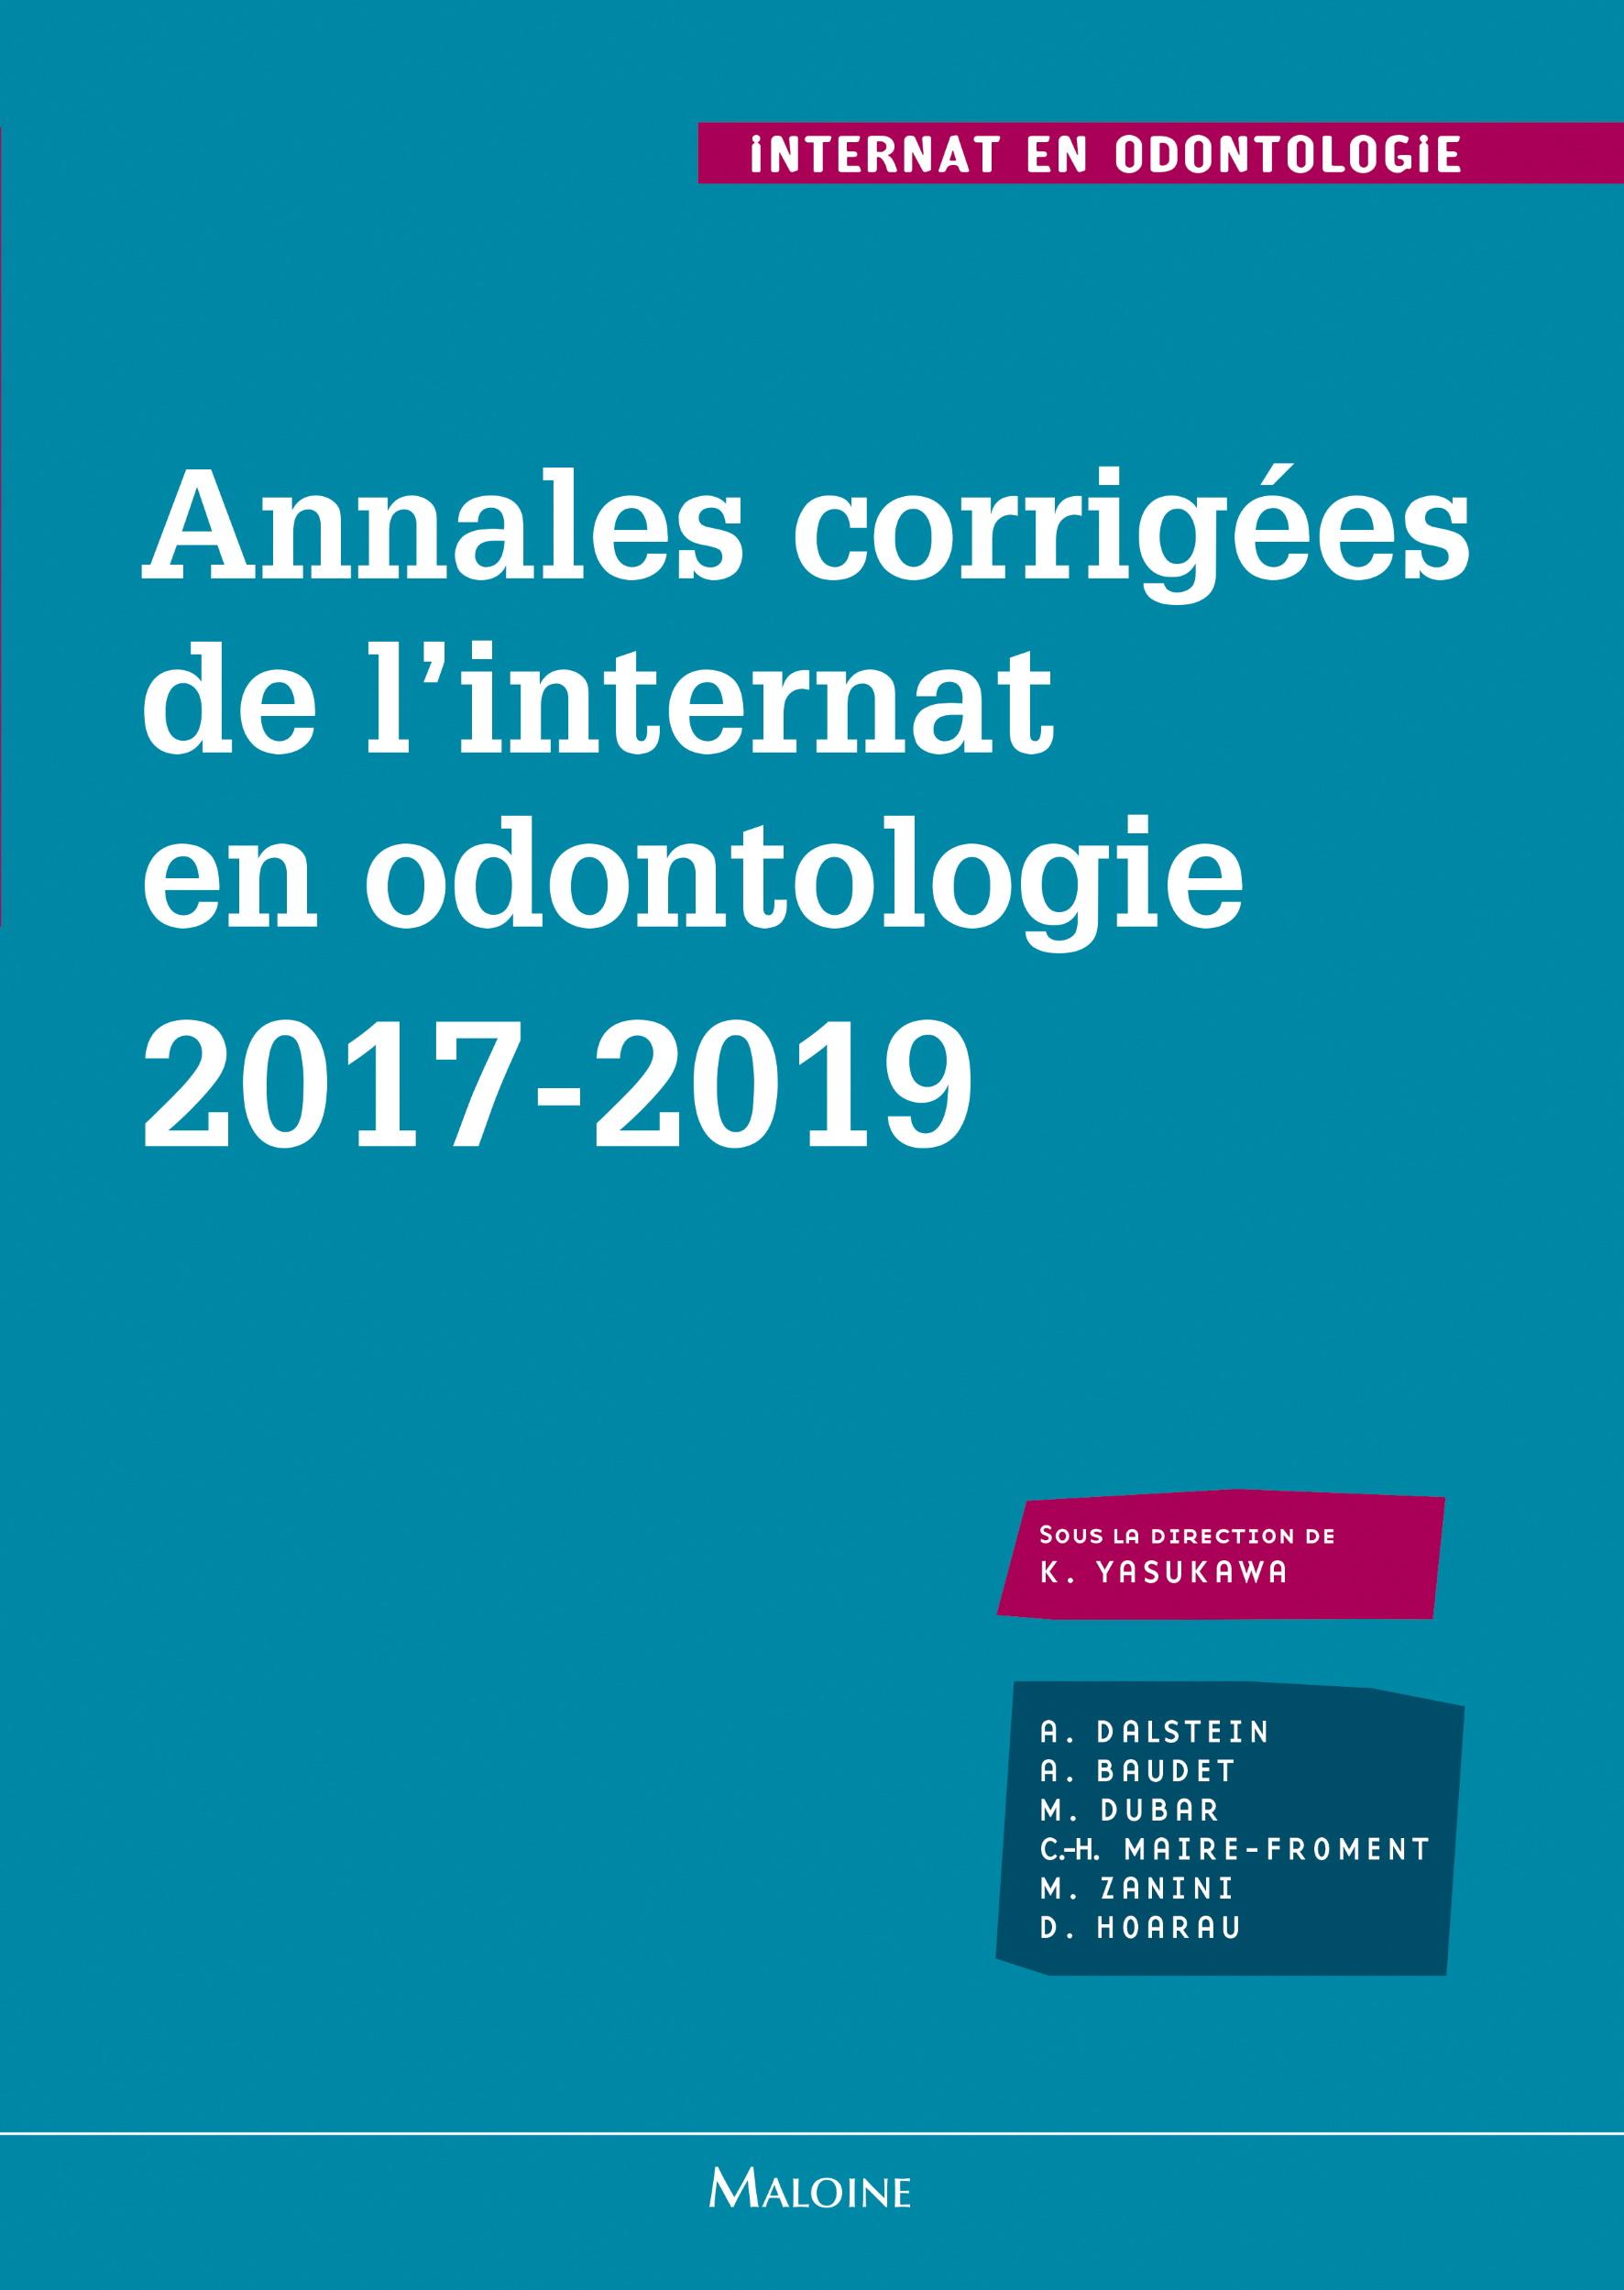 Annales corrigées de l'internat en odontologie 2017-2019